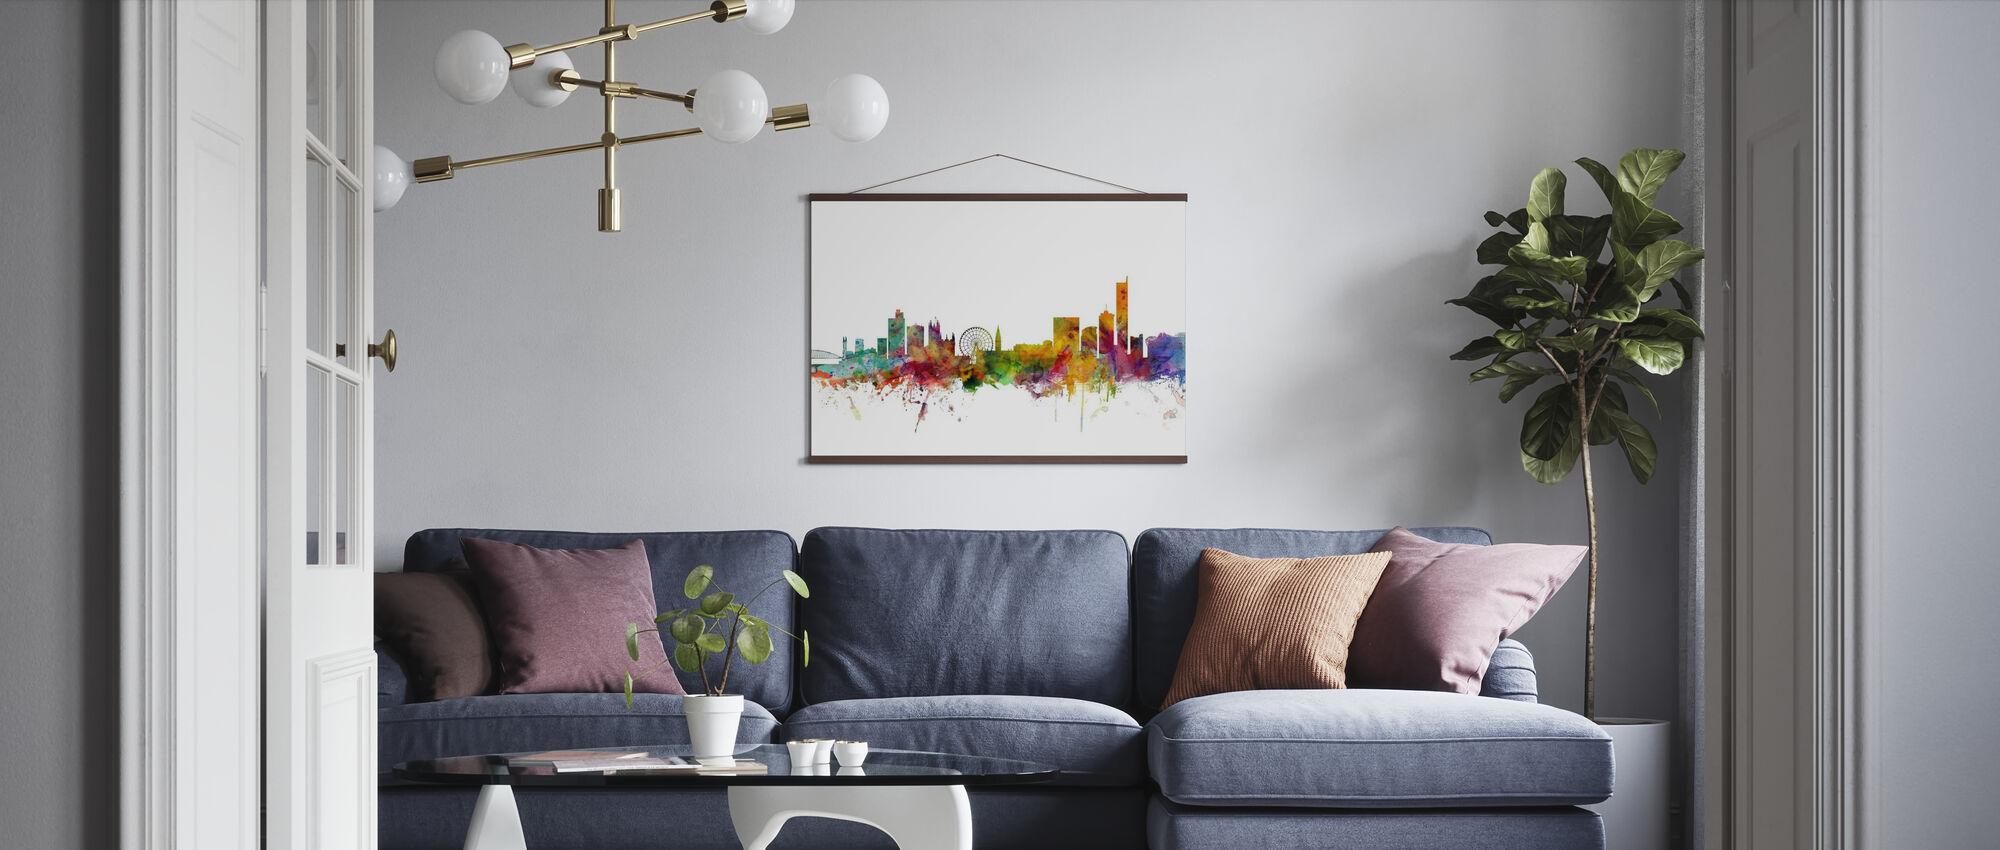 Skyline von Manchester - Poster - Wohnzimmer